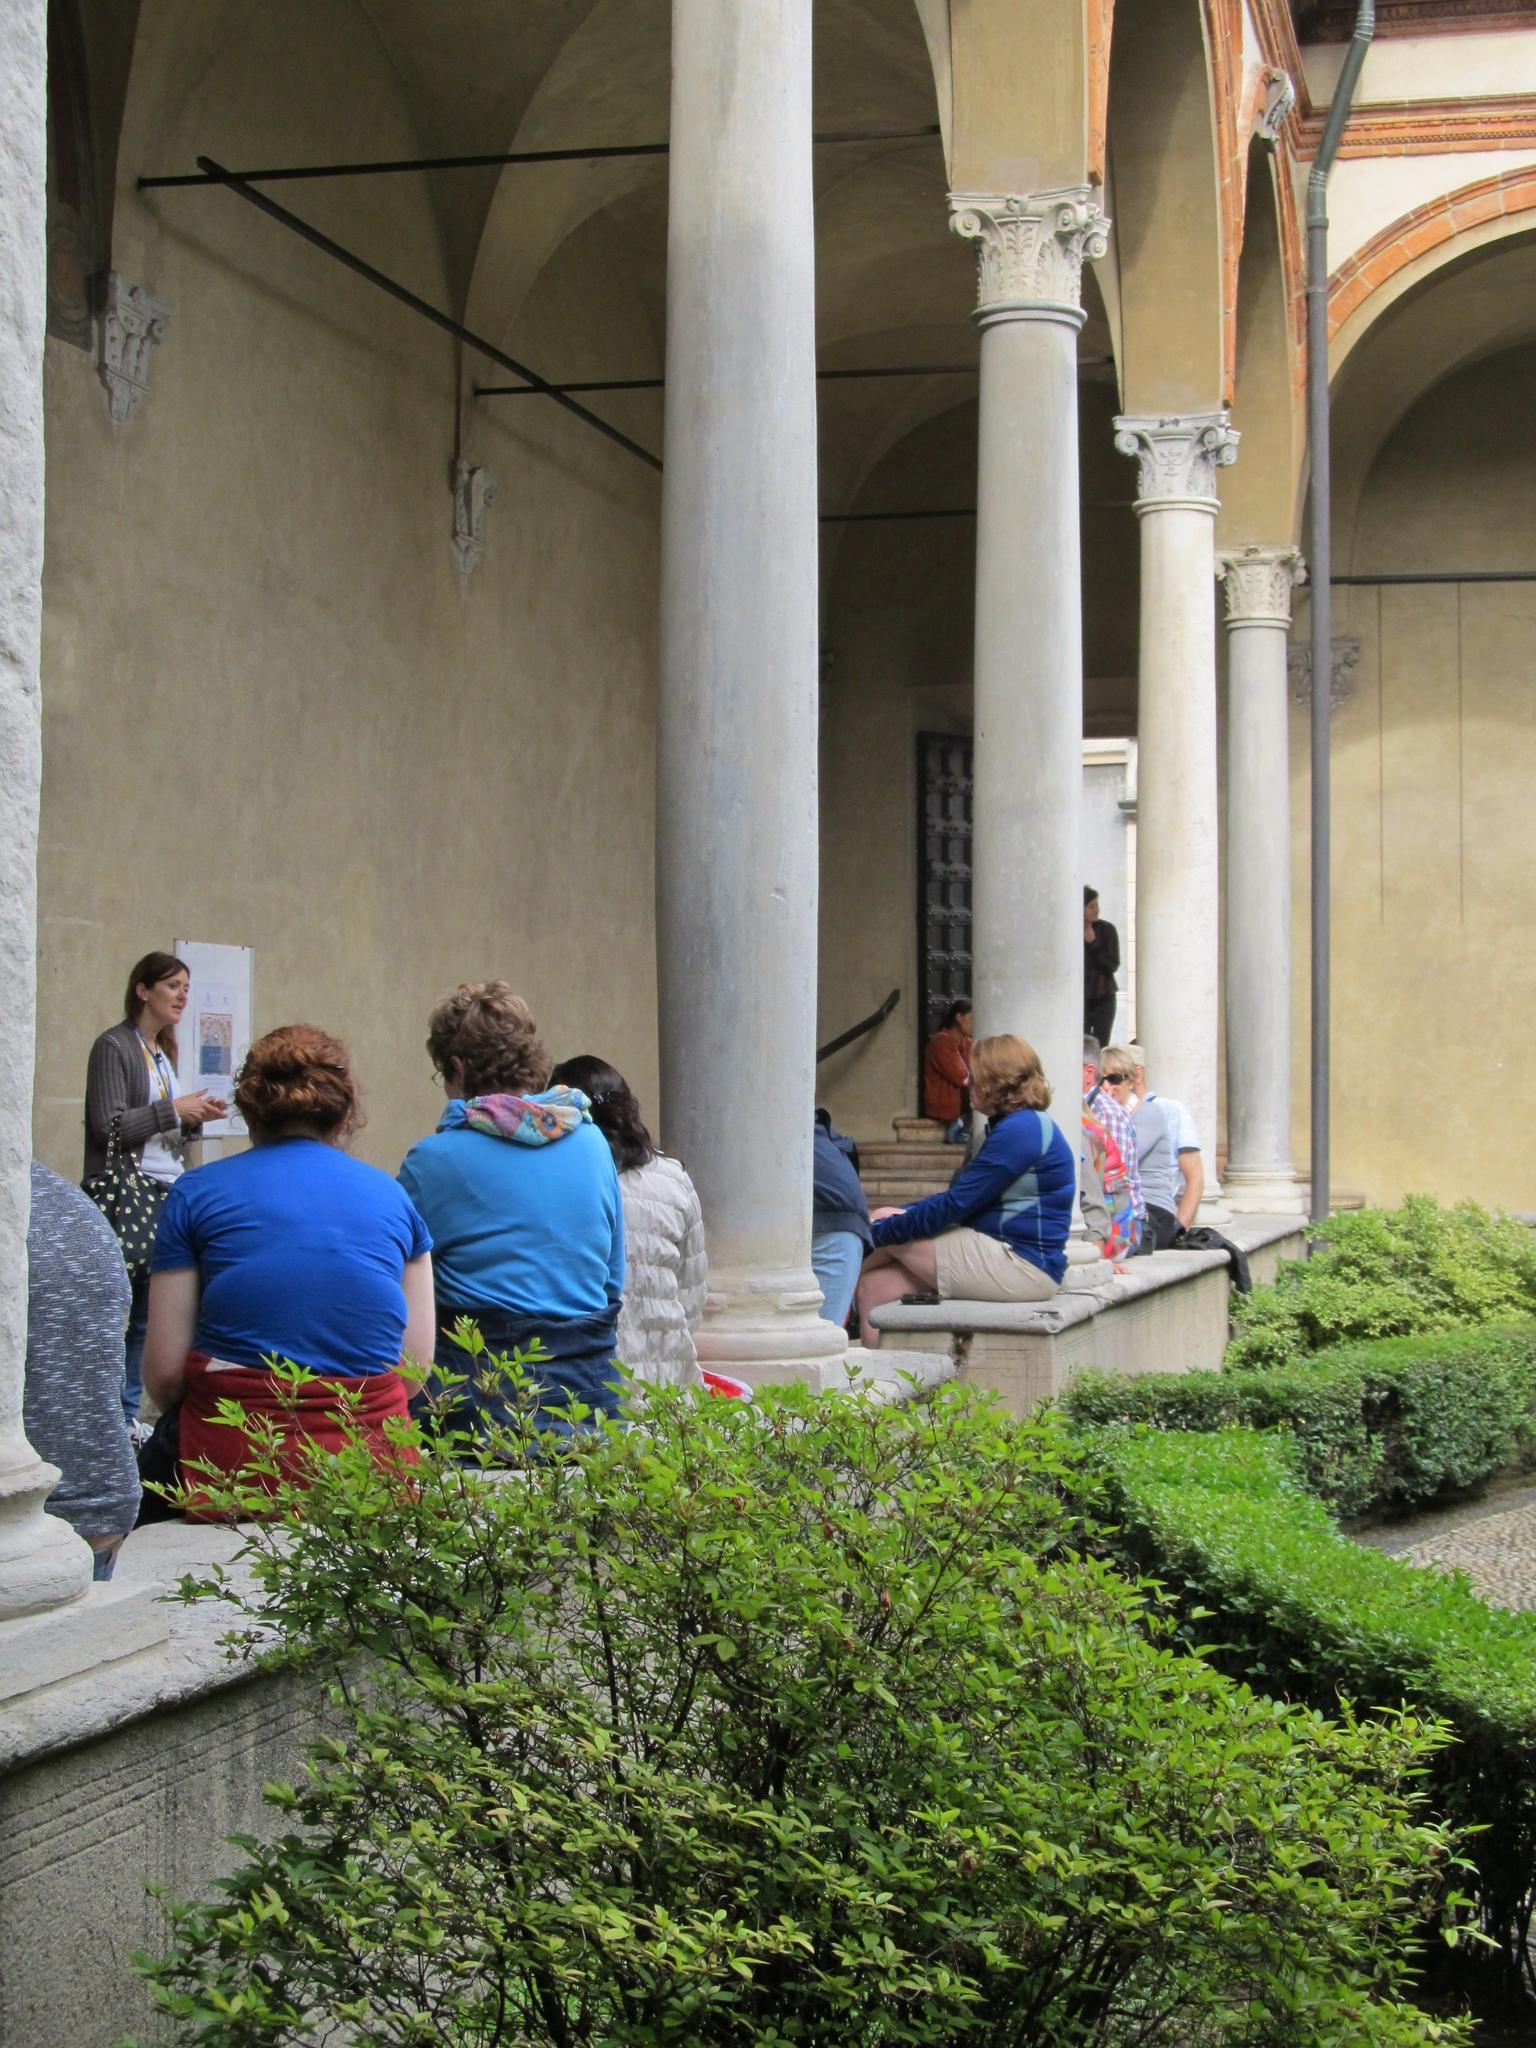 MÁS FOTOS, Evite las colas Recorrido a pie por Milar para ver las obras de Leonardo da Vinci, incluida la entrada para